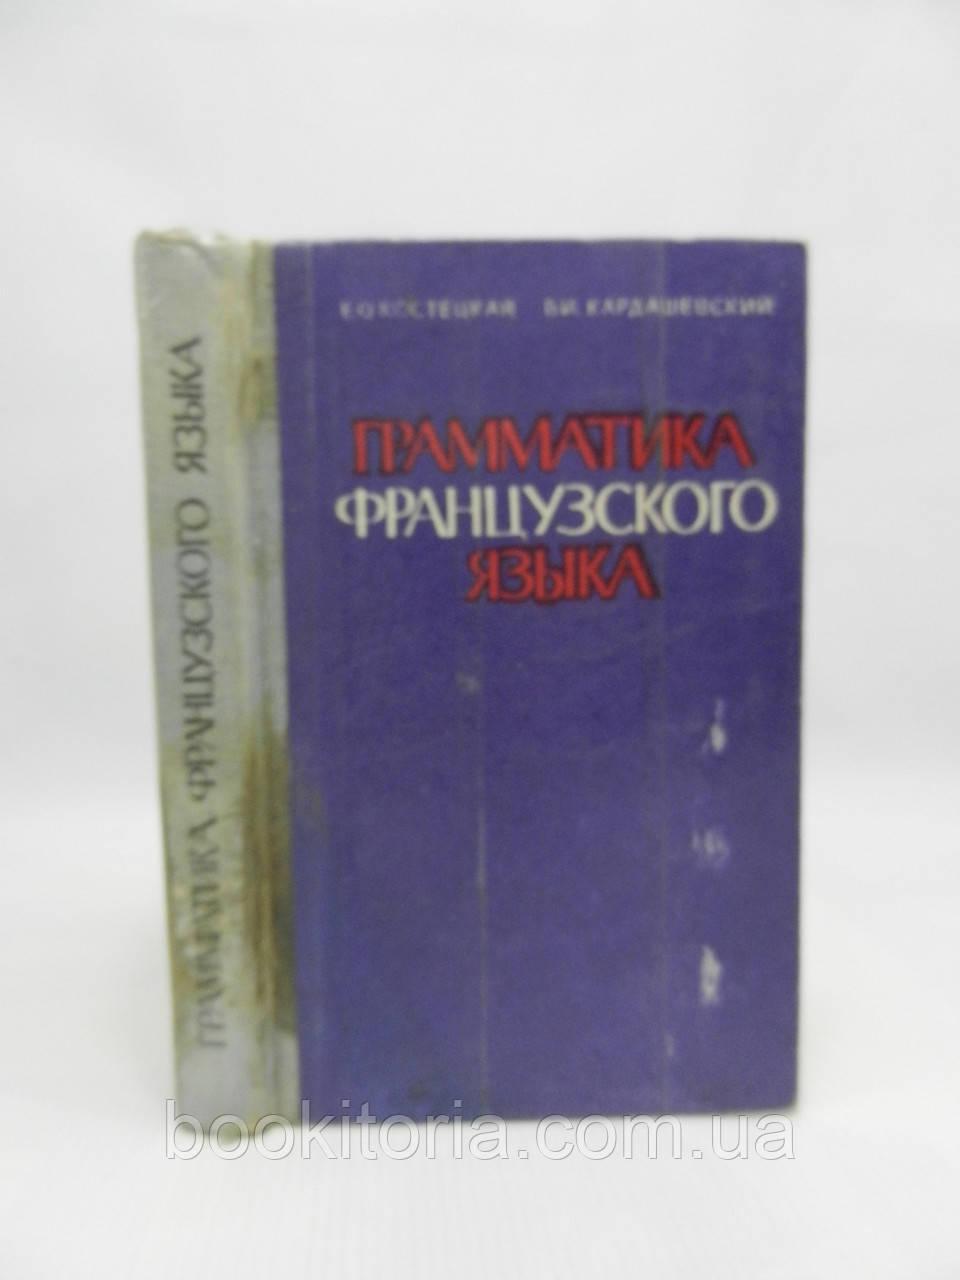 Костецкая Е., Кардашевский В. Практическая грамматика французского языка для неязыковых вузов (б/у).